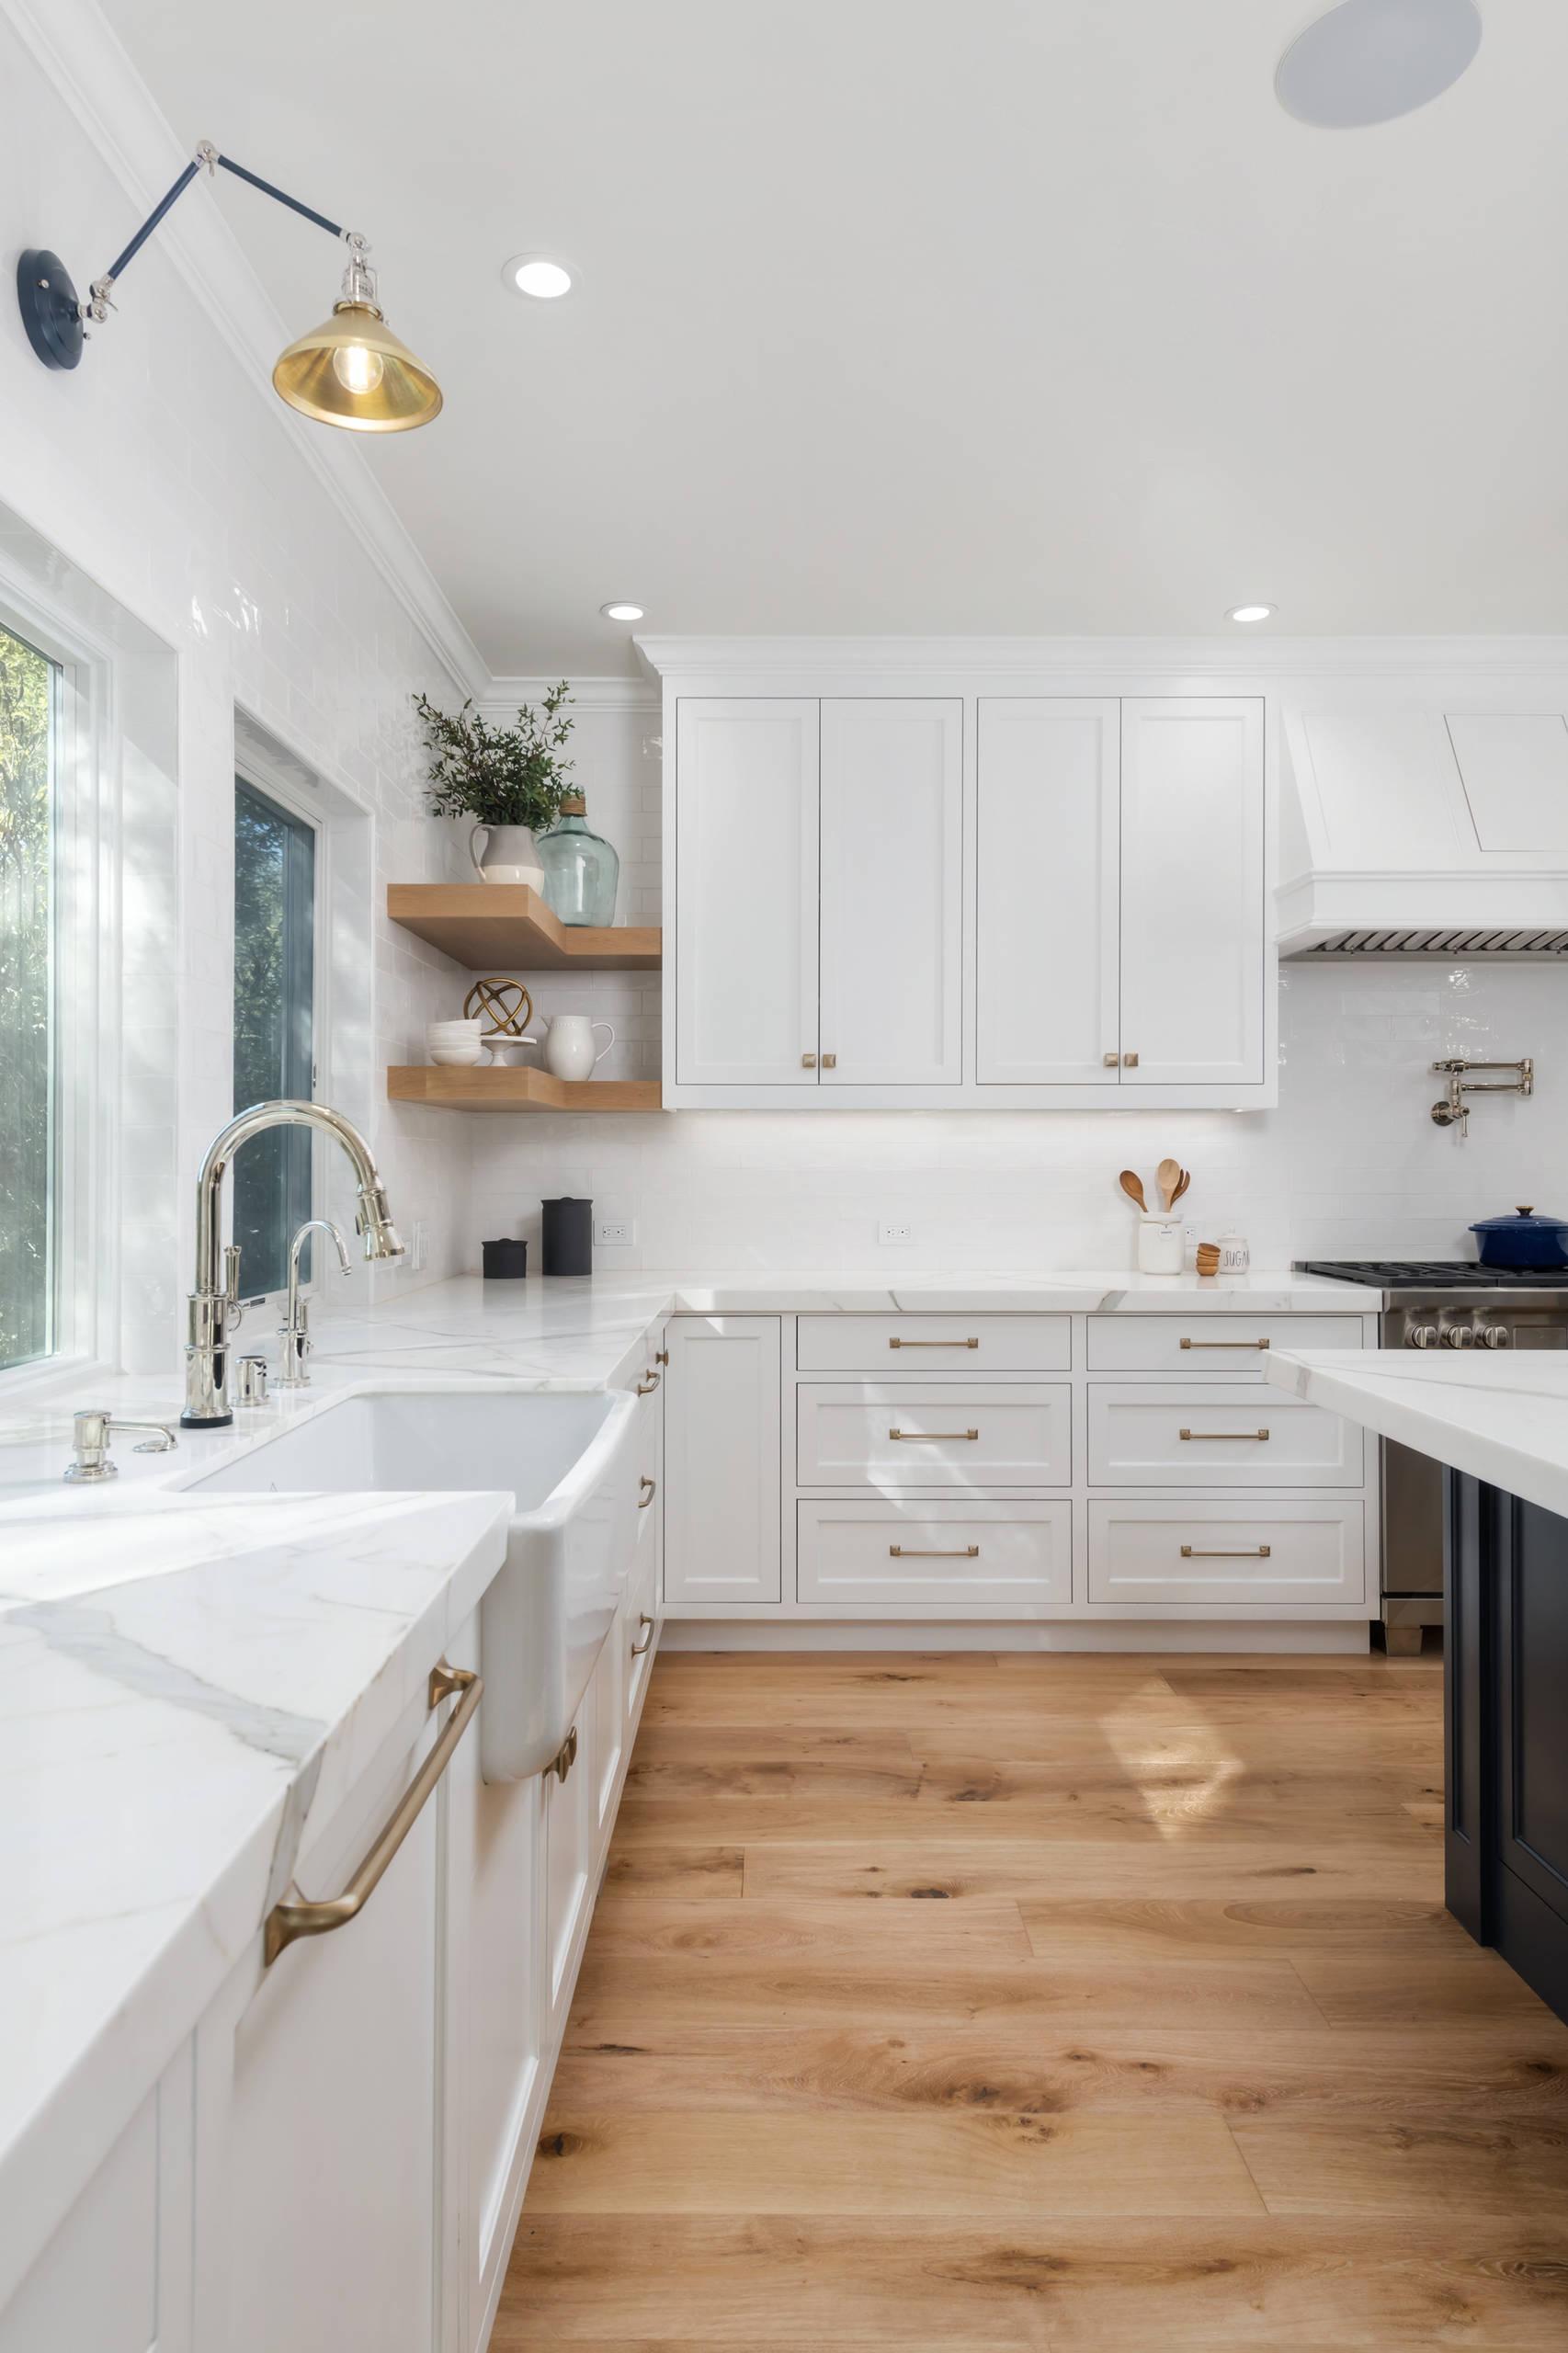 32 Beautiful Farmhouse Kitchen Design Ideas & Pictures   Houzz